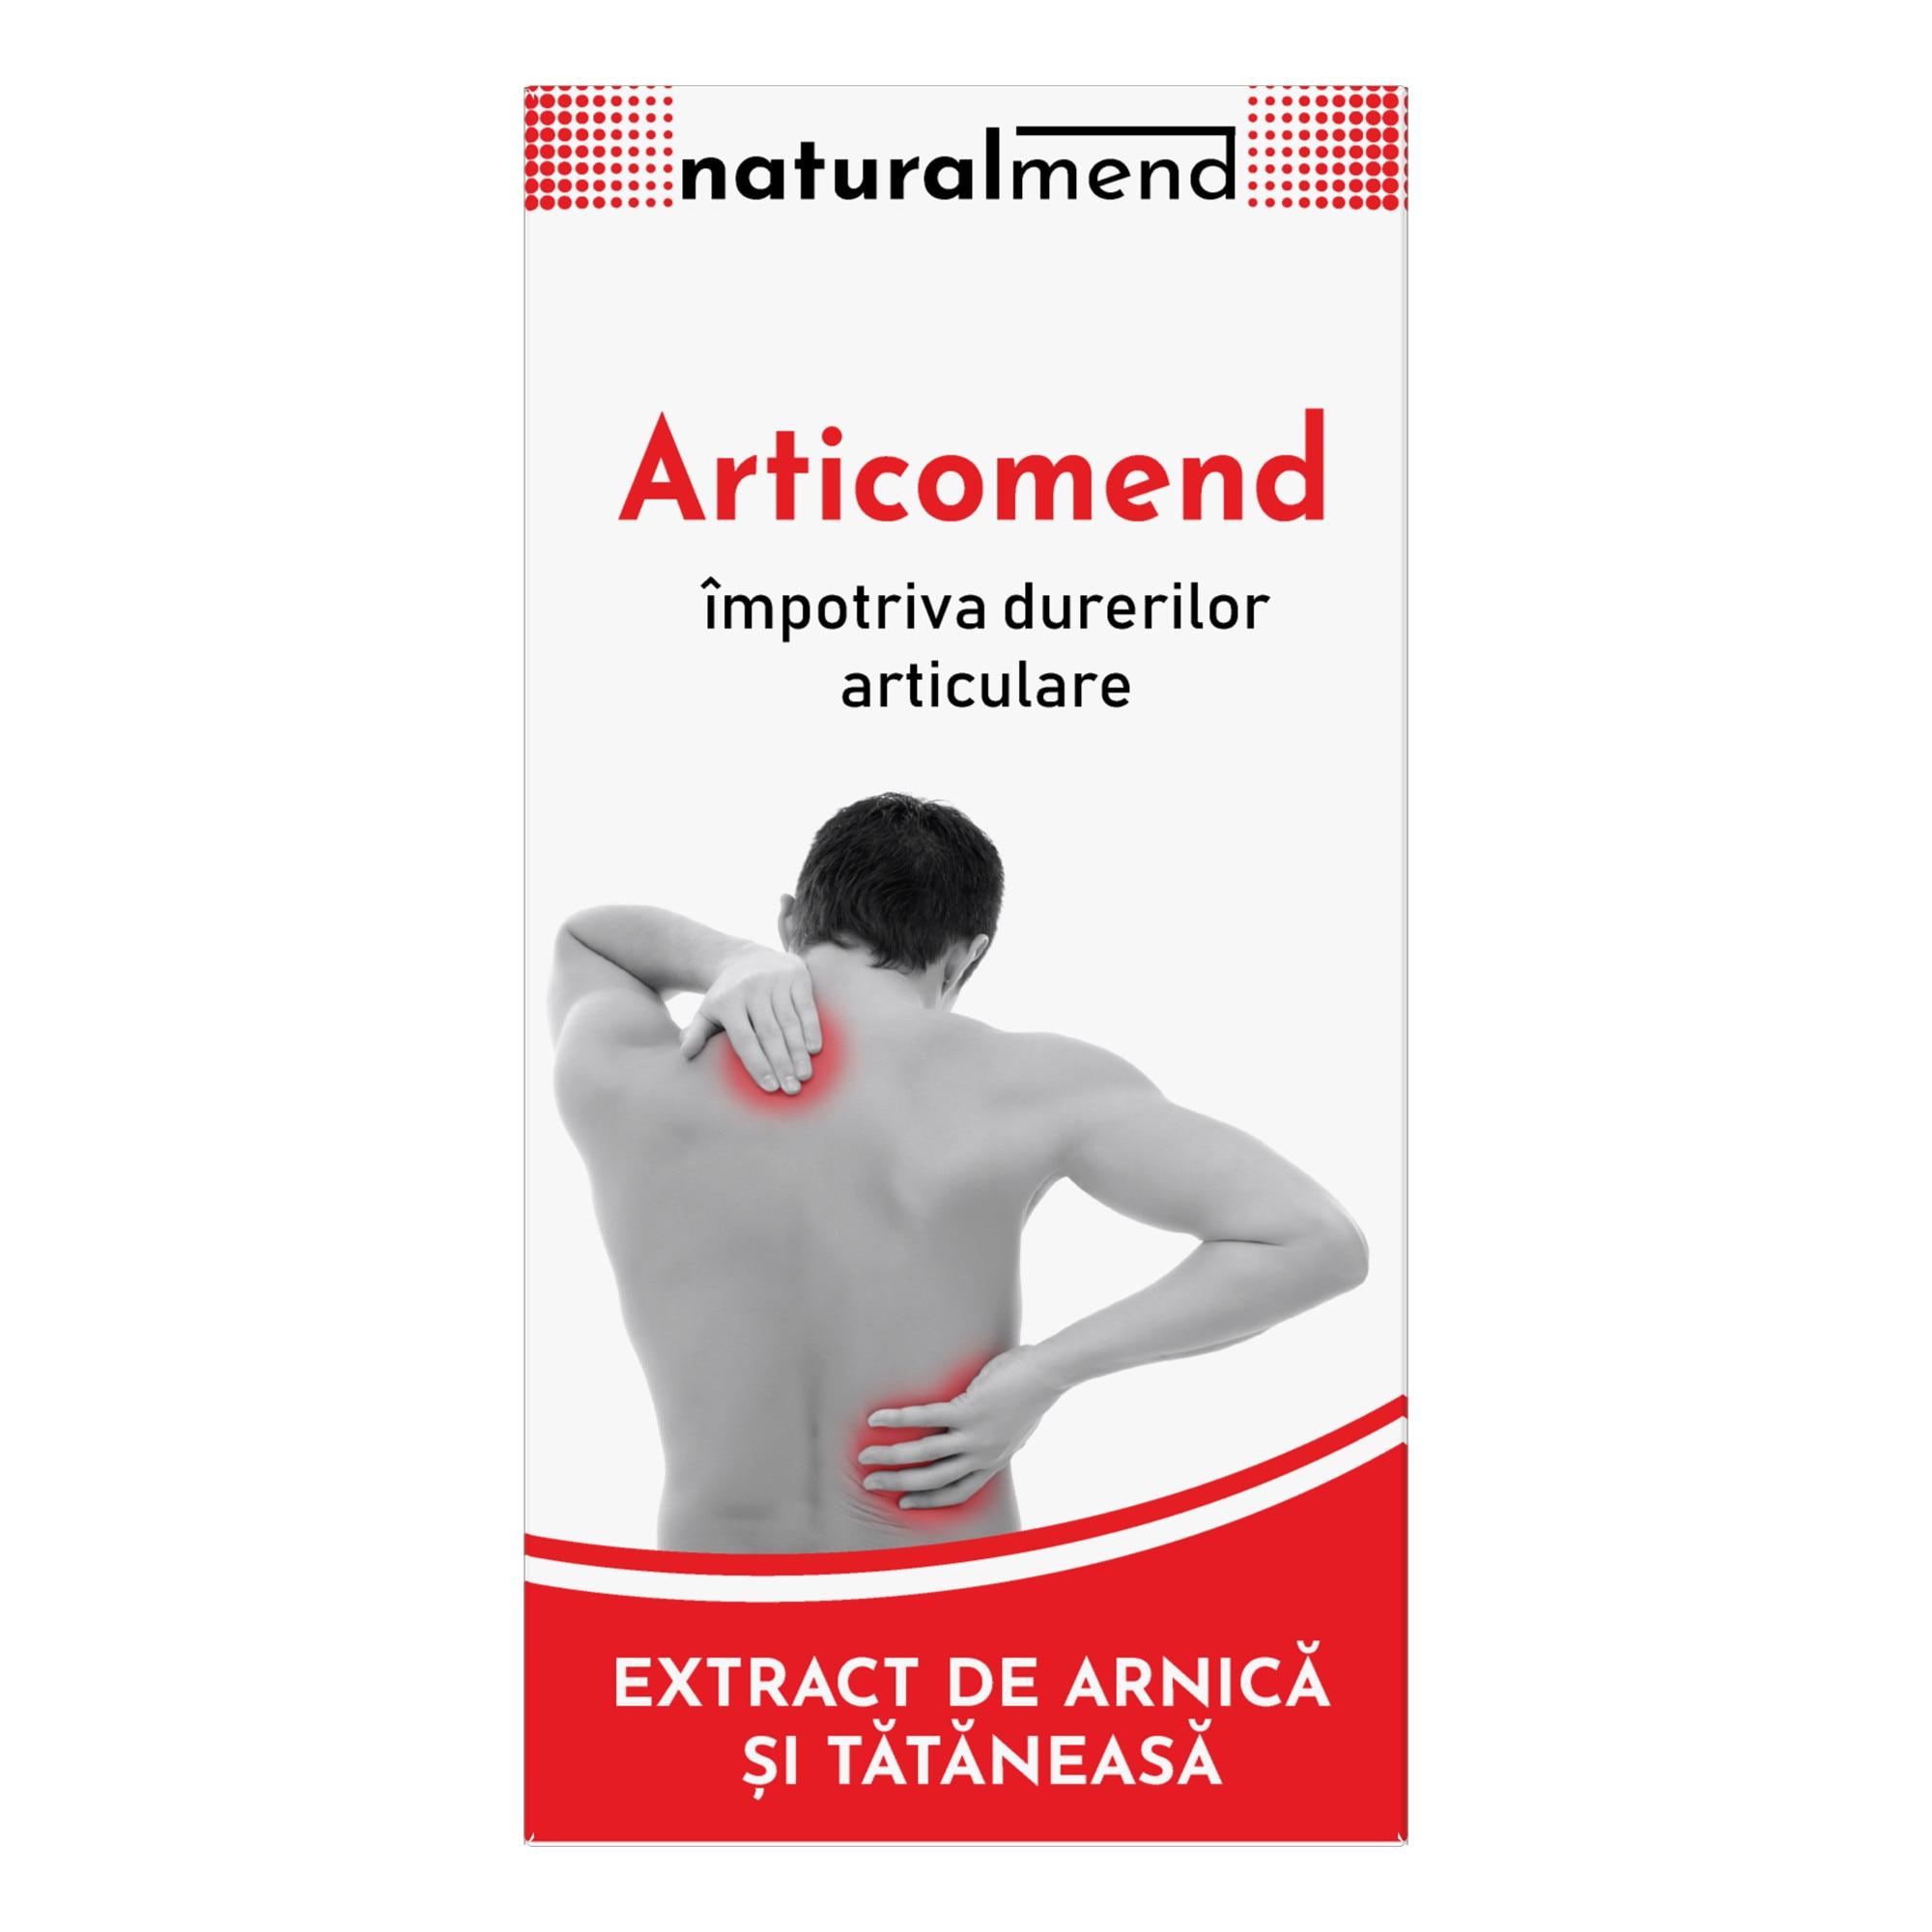 balsam de masaj articular cu condroitină și glucozamină